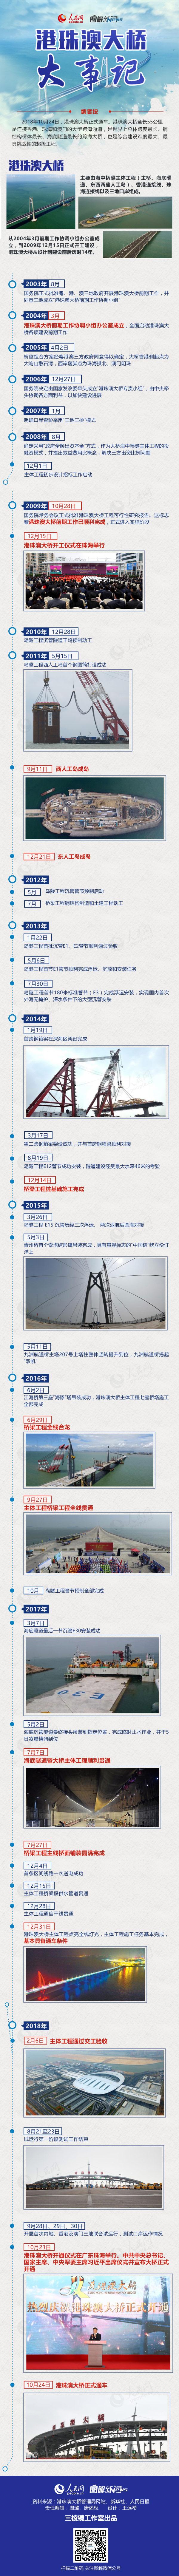 2019广东公务员考试时政:图解港珠澳大桥大事记